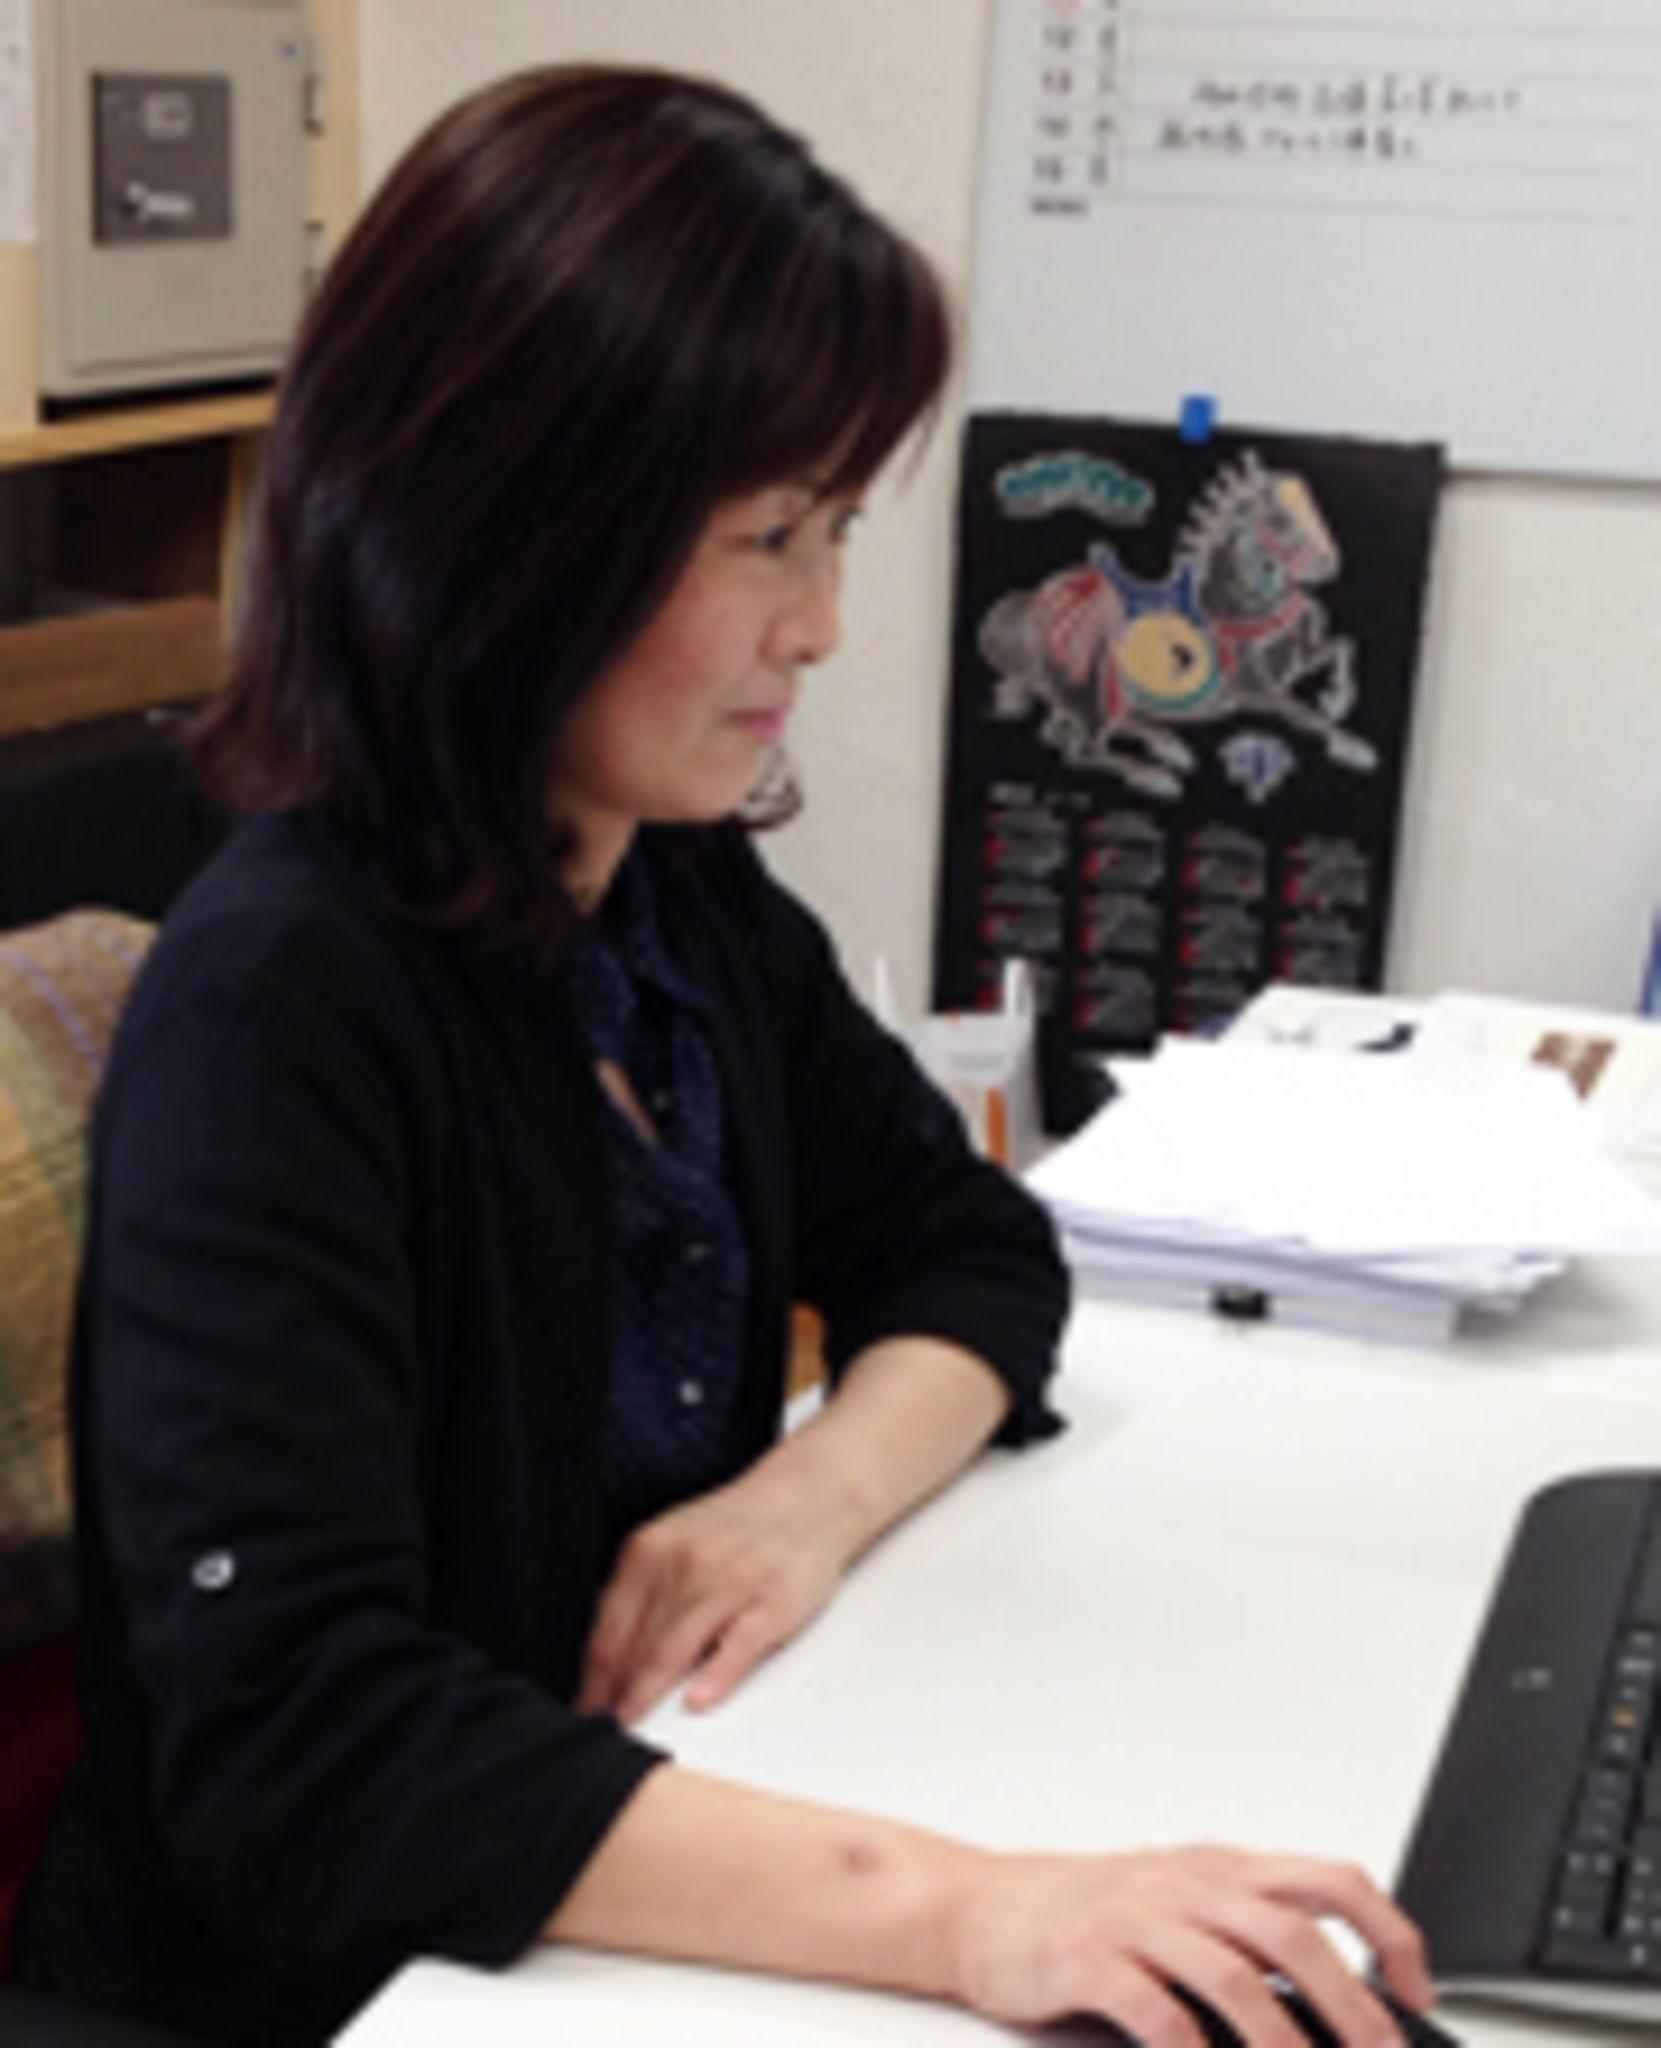 本田 久美子